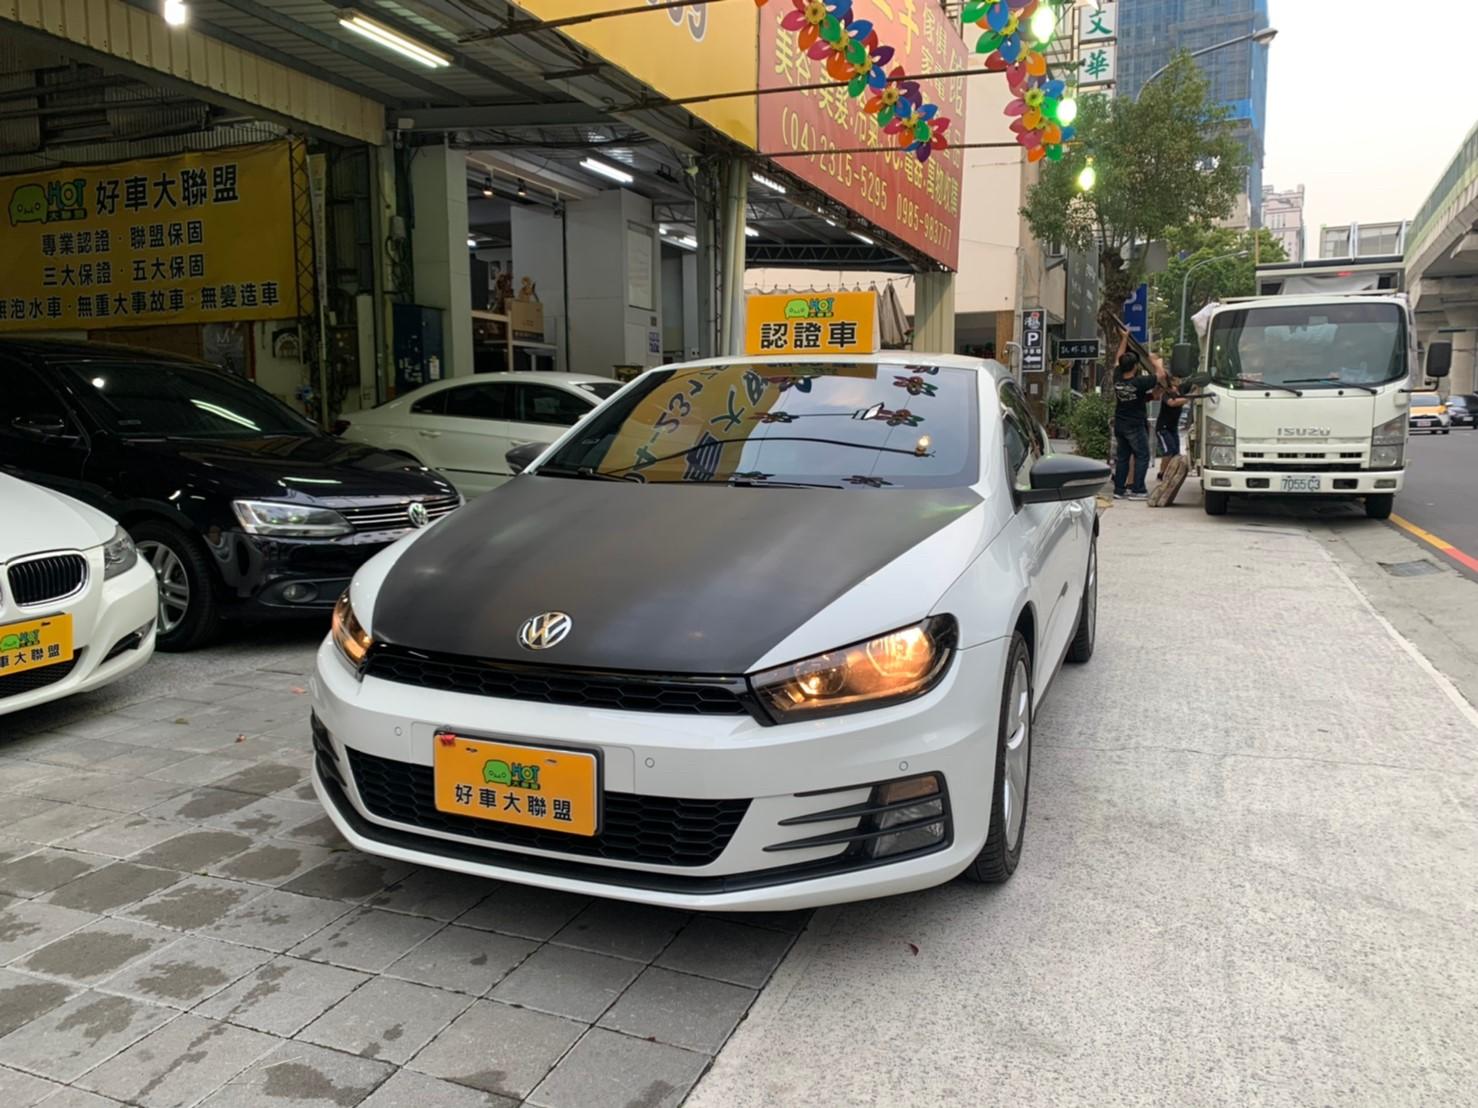 2014 Volkswagen 福斯 Scirocco